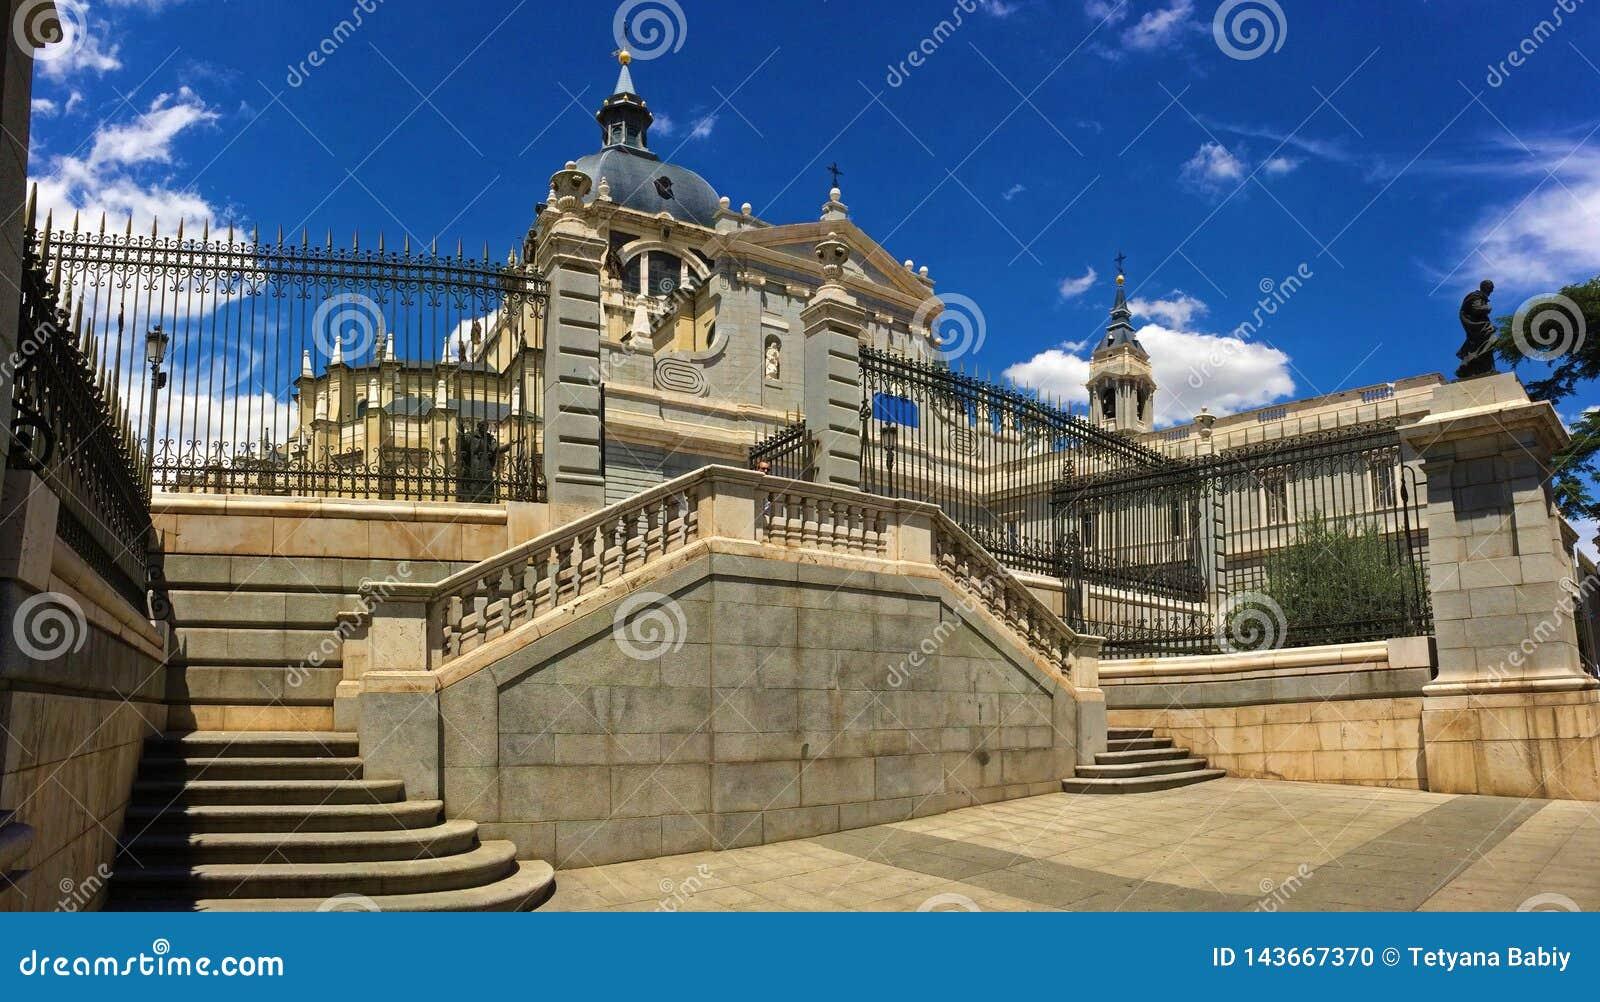 La Almudena - una di chiese più belle nella città di Madrid, Spagna